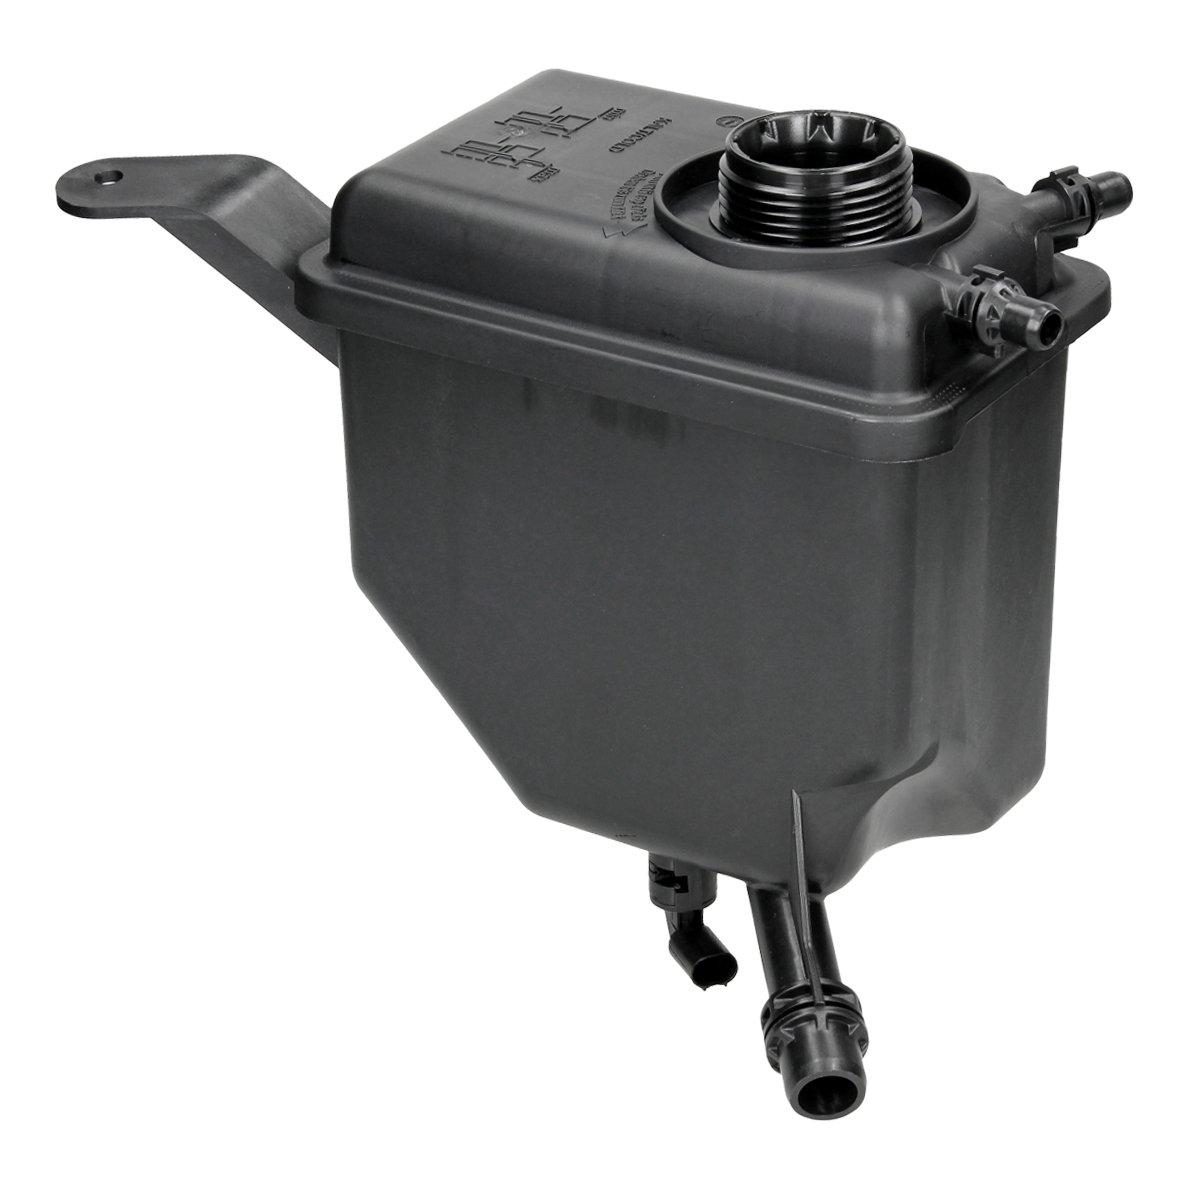 Espansione Serbatoio Liquido Refrigerante Con Sensore Radiatore Per Auto ECD Germany